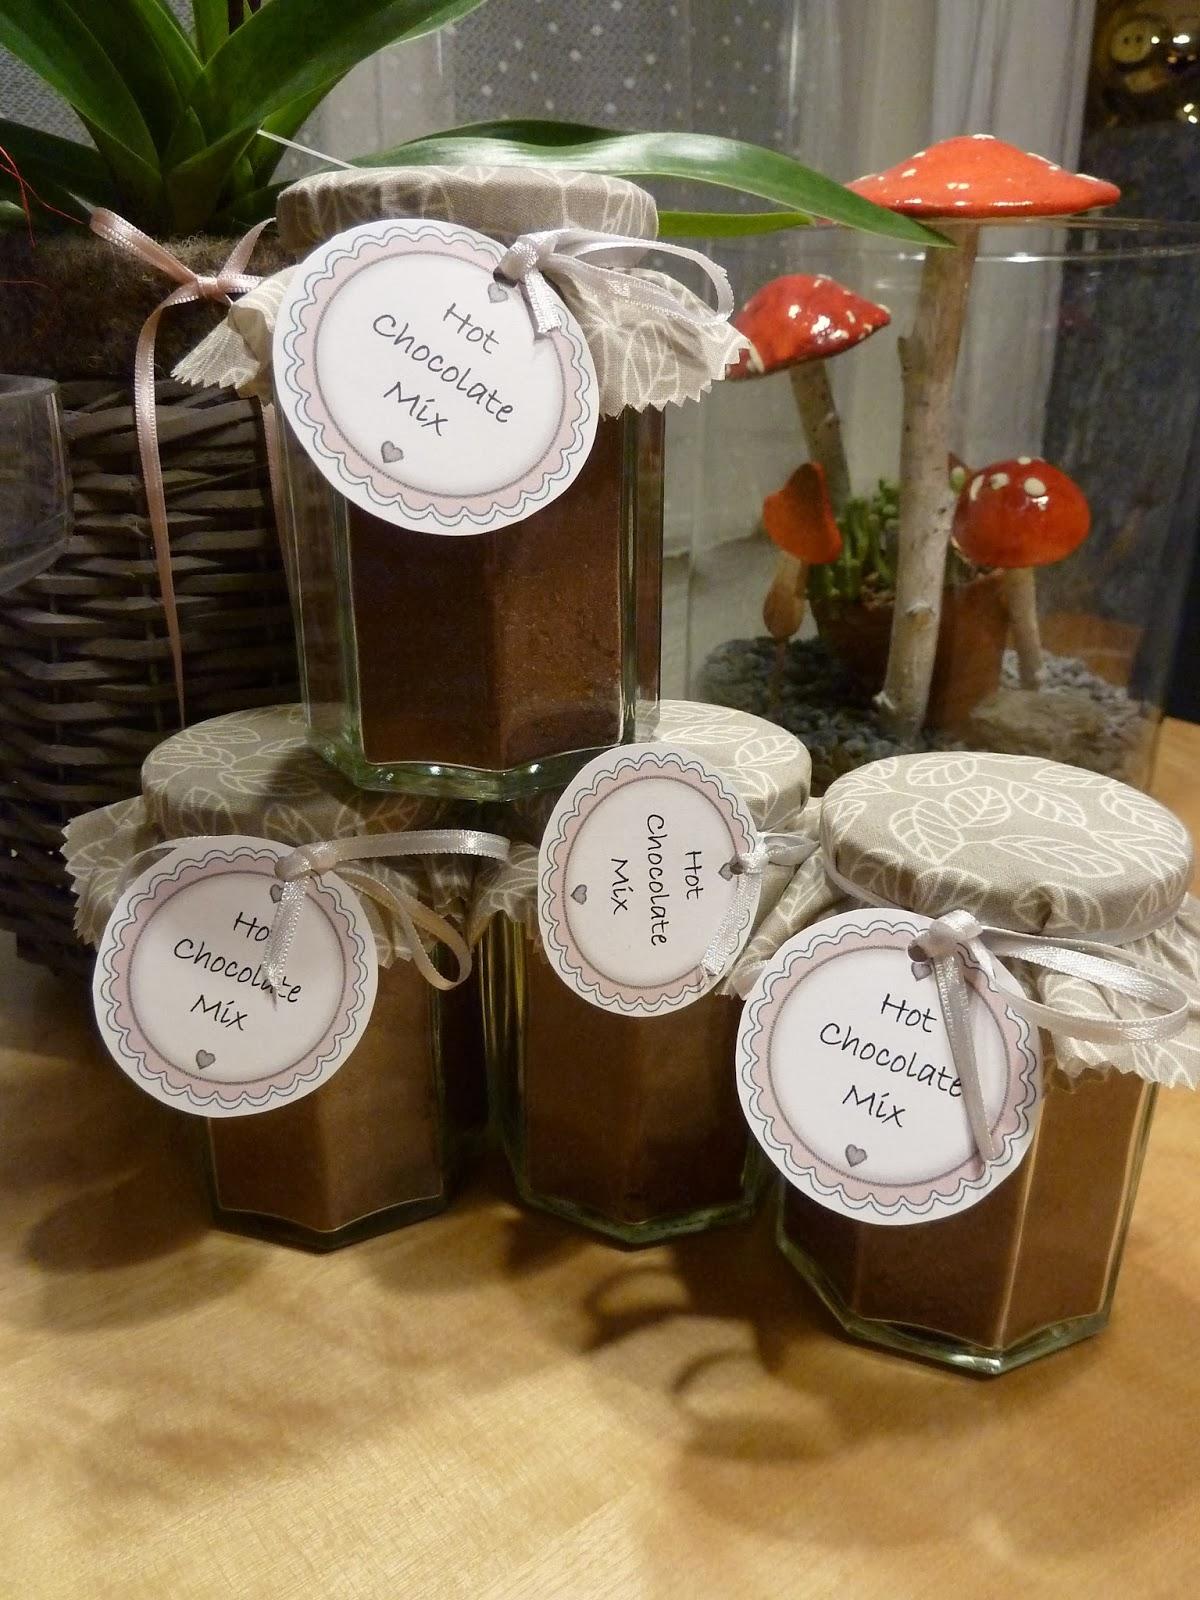 sabi 39 s werkstatt weihnachtsgeschenke hot chocolate mix. Black Bedroom Furniture Sets. Home Design Ideas